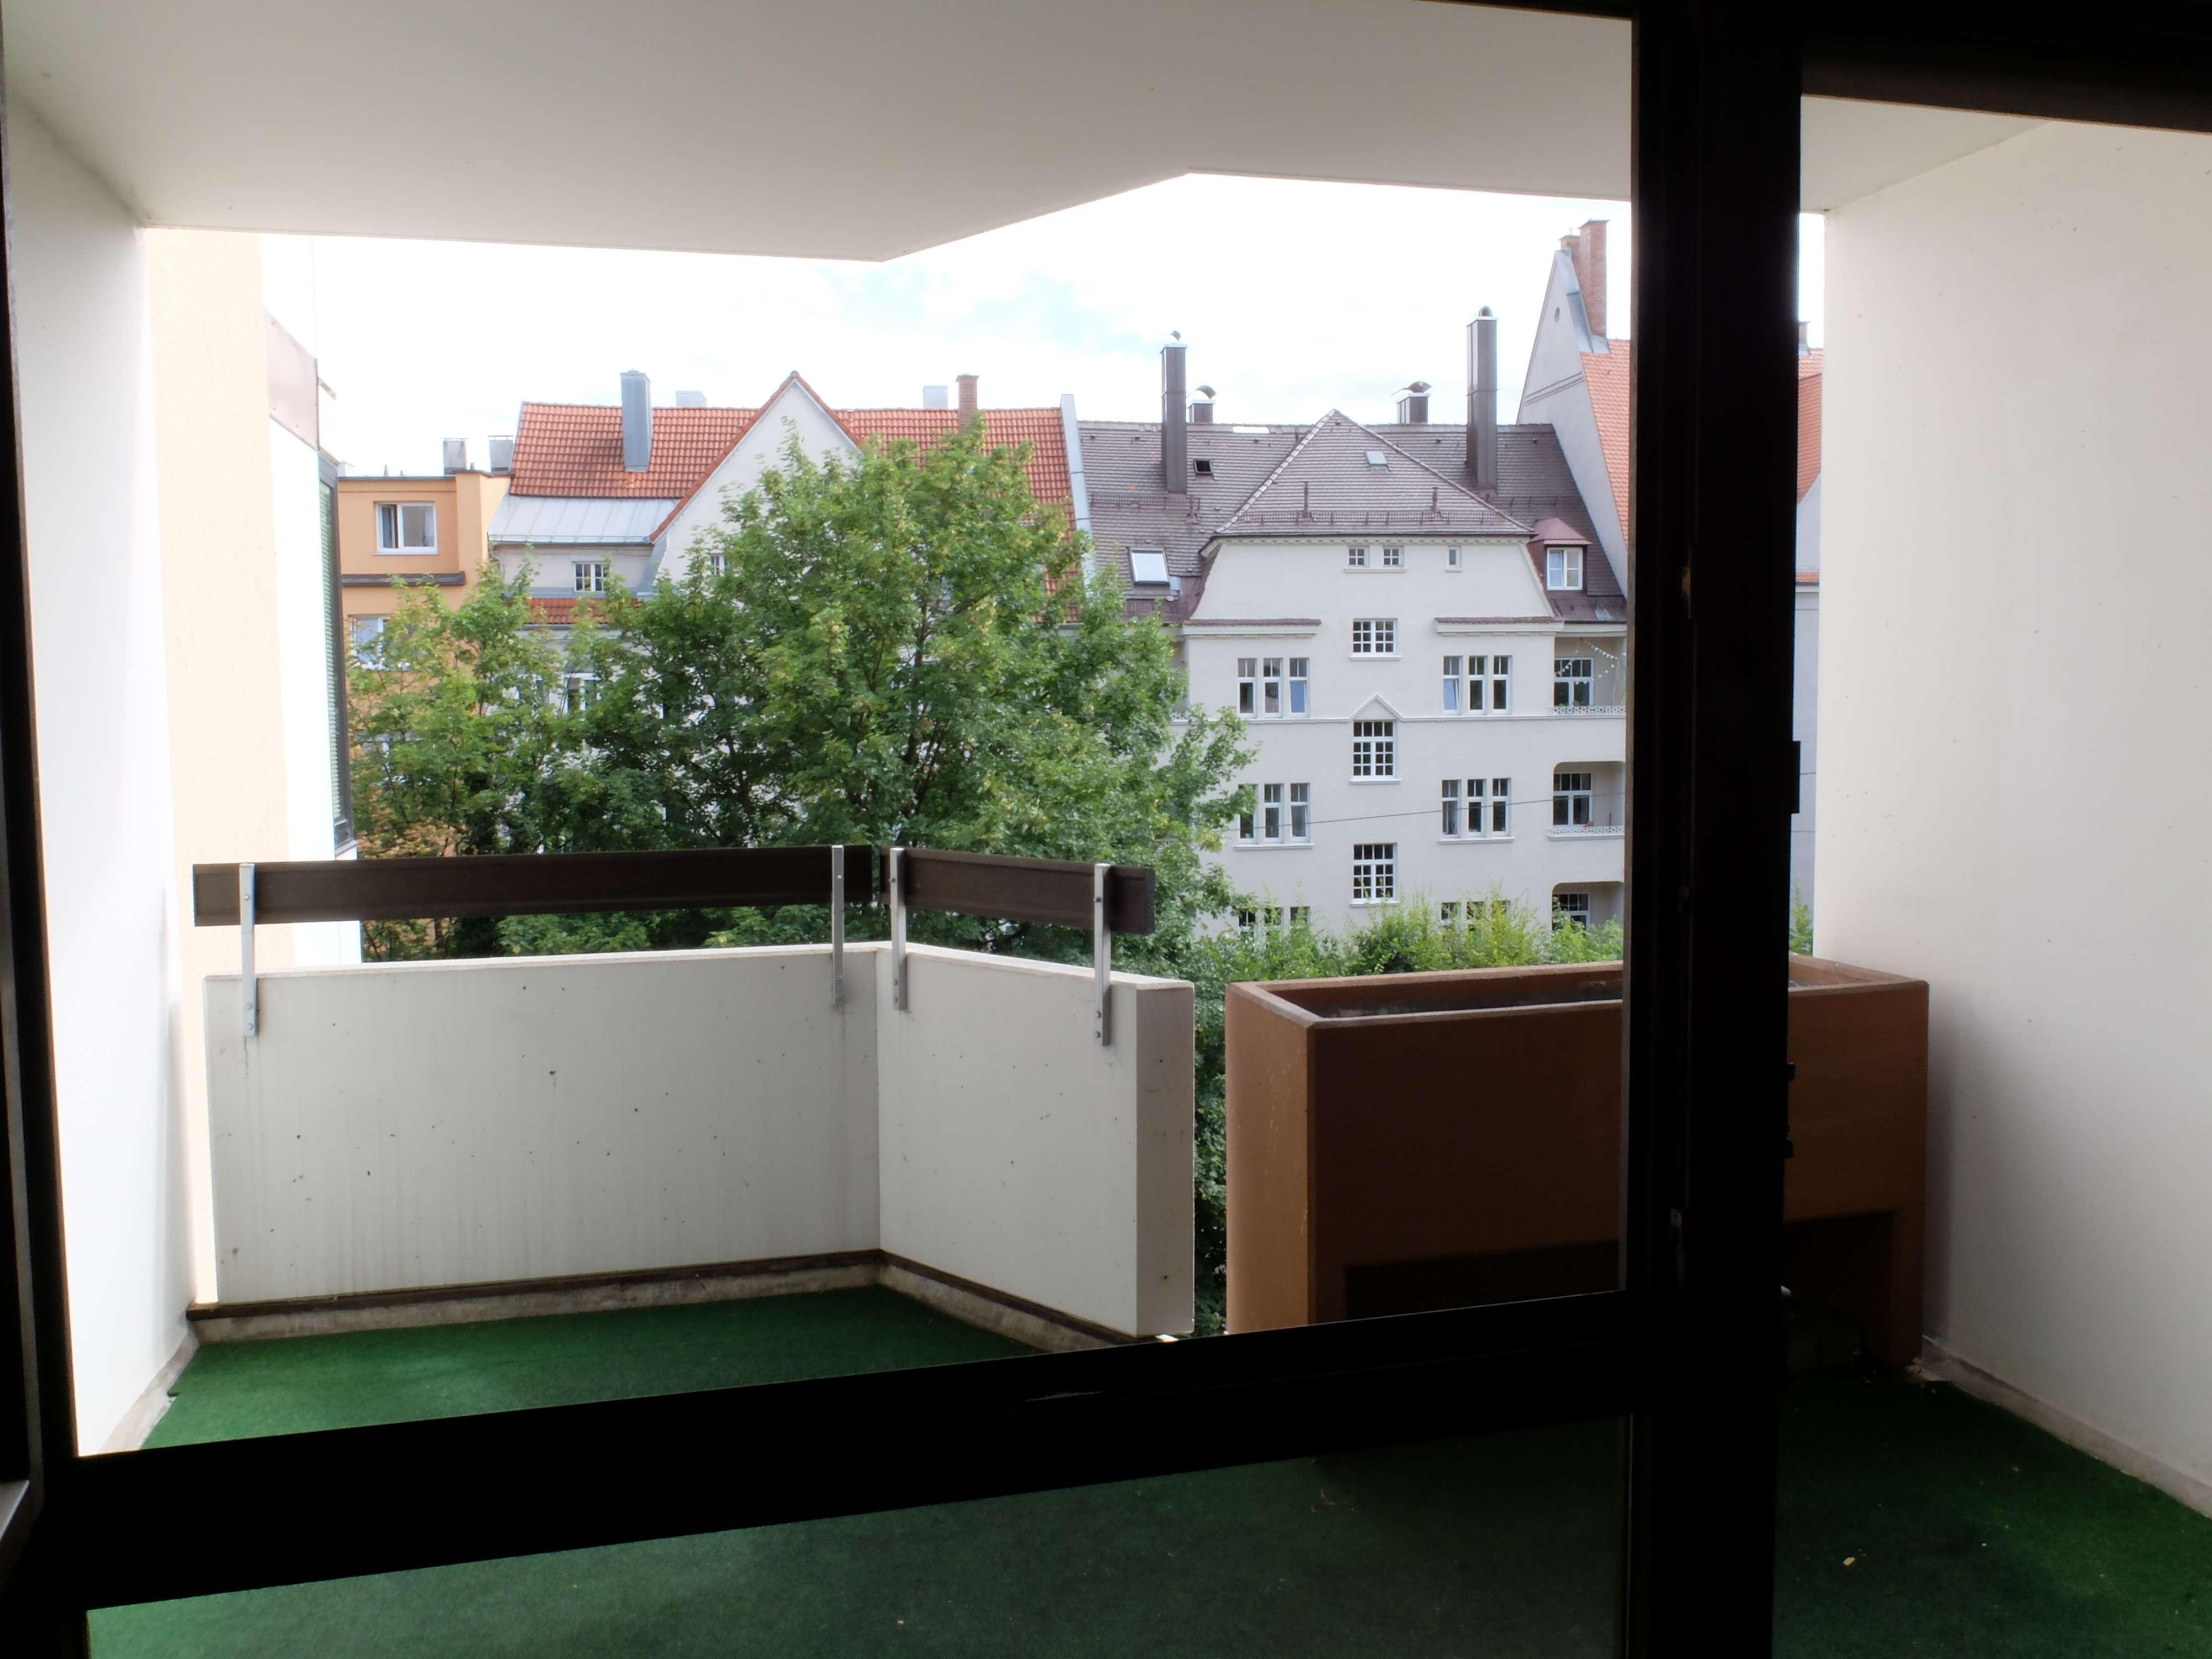 Schöne,ruhige, zentrale 2-Zimmer-Wohnung mit Balkon in der Prinzstrasse in Augsburg-Innenstadt